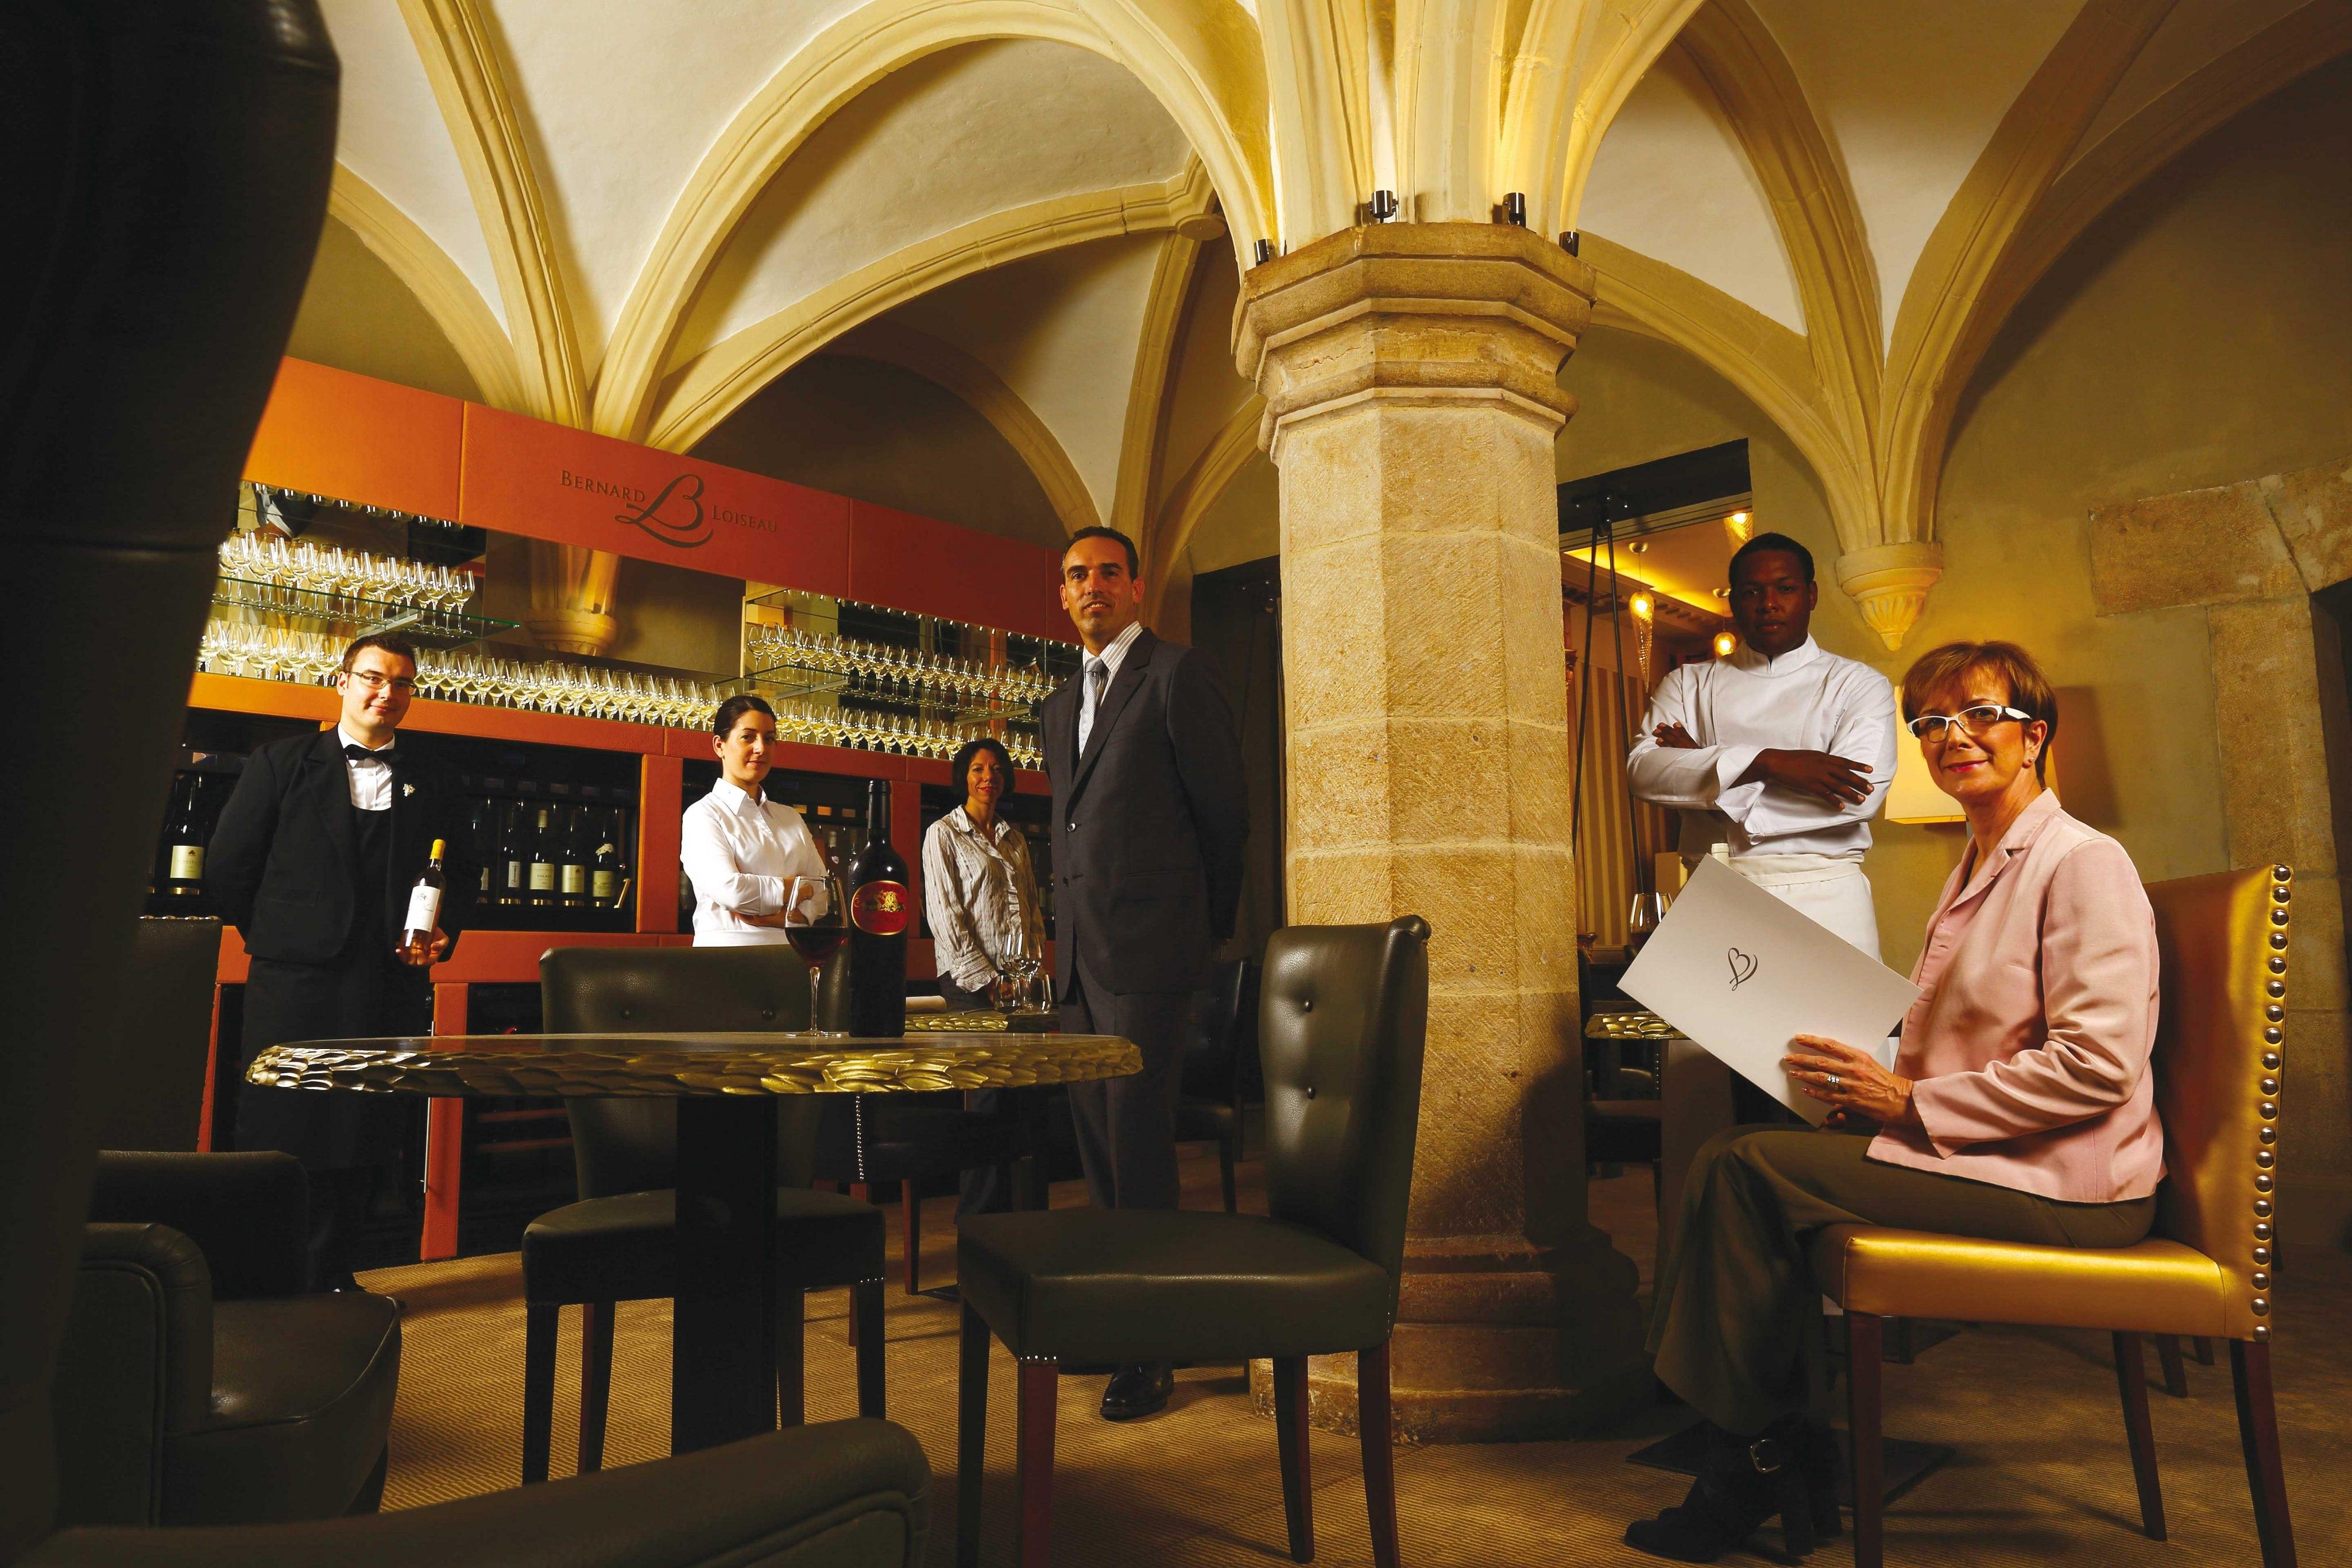 Palmarès Michelin: la Bourgogne plus forte que jamais